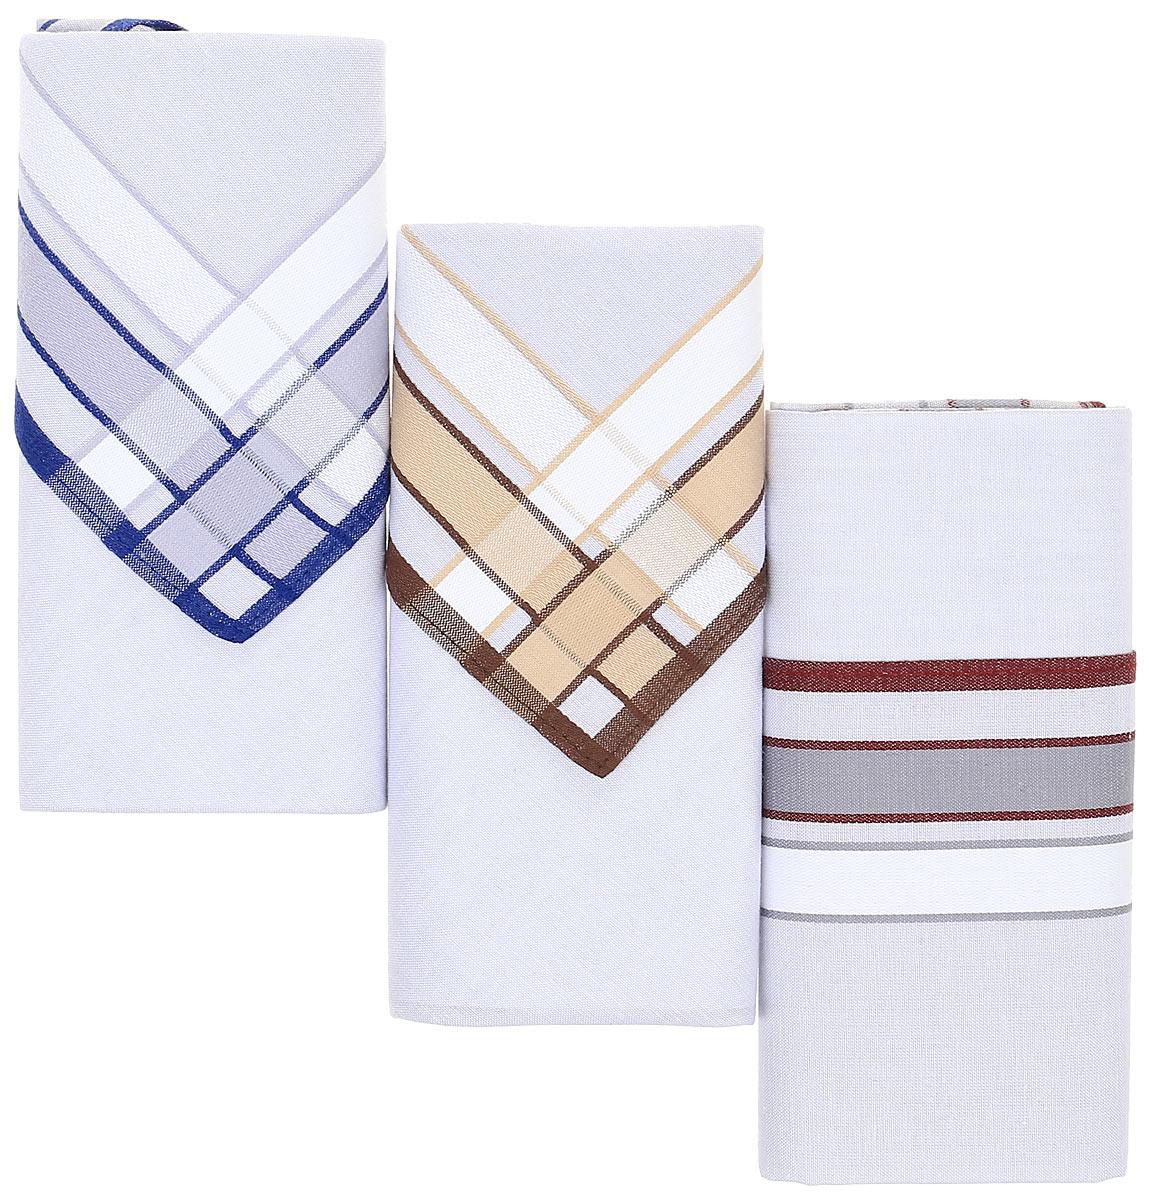 Платок носовой мужской Zlata Korunka, цвет: мультиколор, 3 шт. М54В. Размер 39 х 39 см39864 Серьги с подвескамиНосовые платки изготовлены из натурального хлопка, приятны в использовании, хорошо стираются, материал не садится и отлично впитывает влагу. В упаковке 3 штуки.